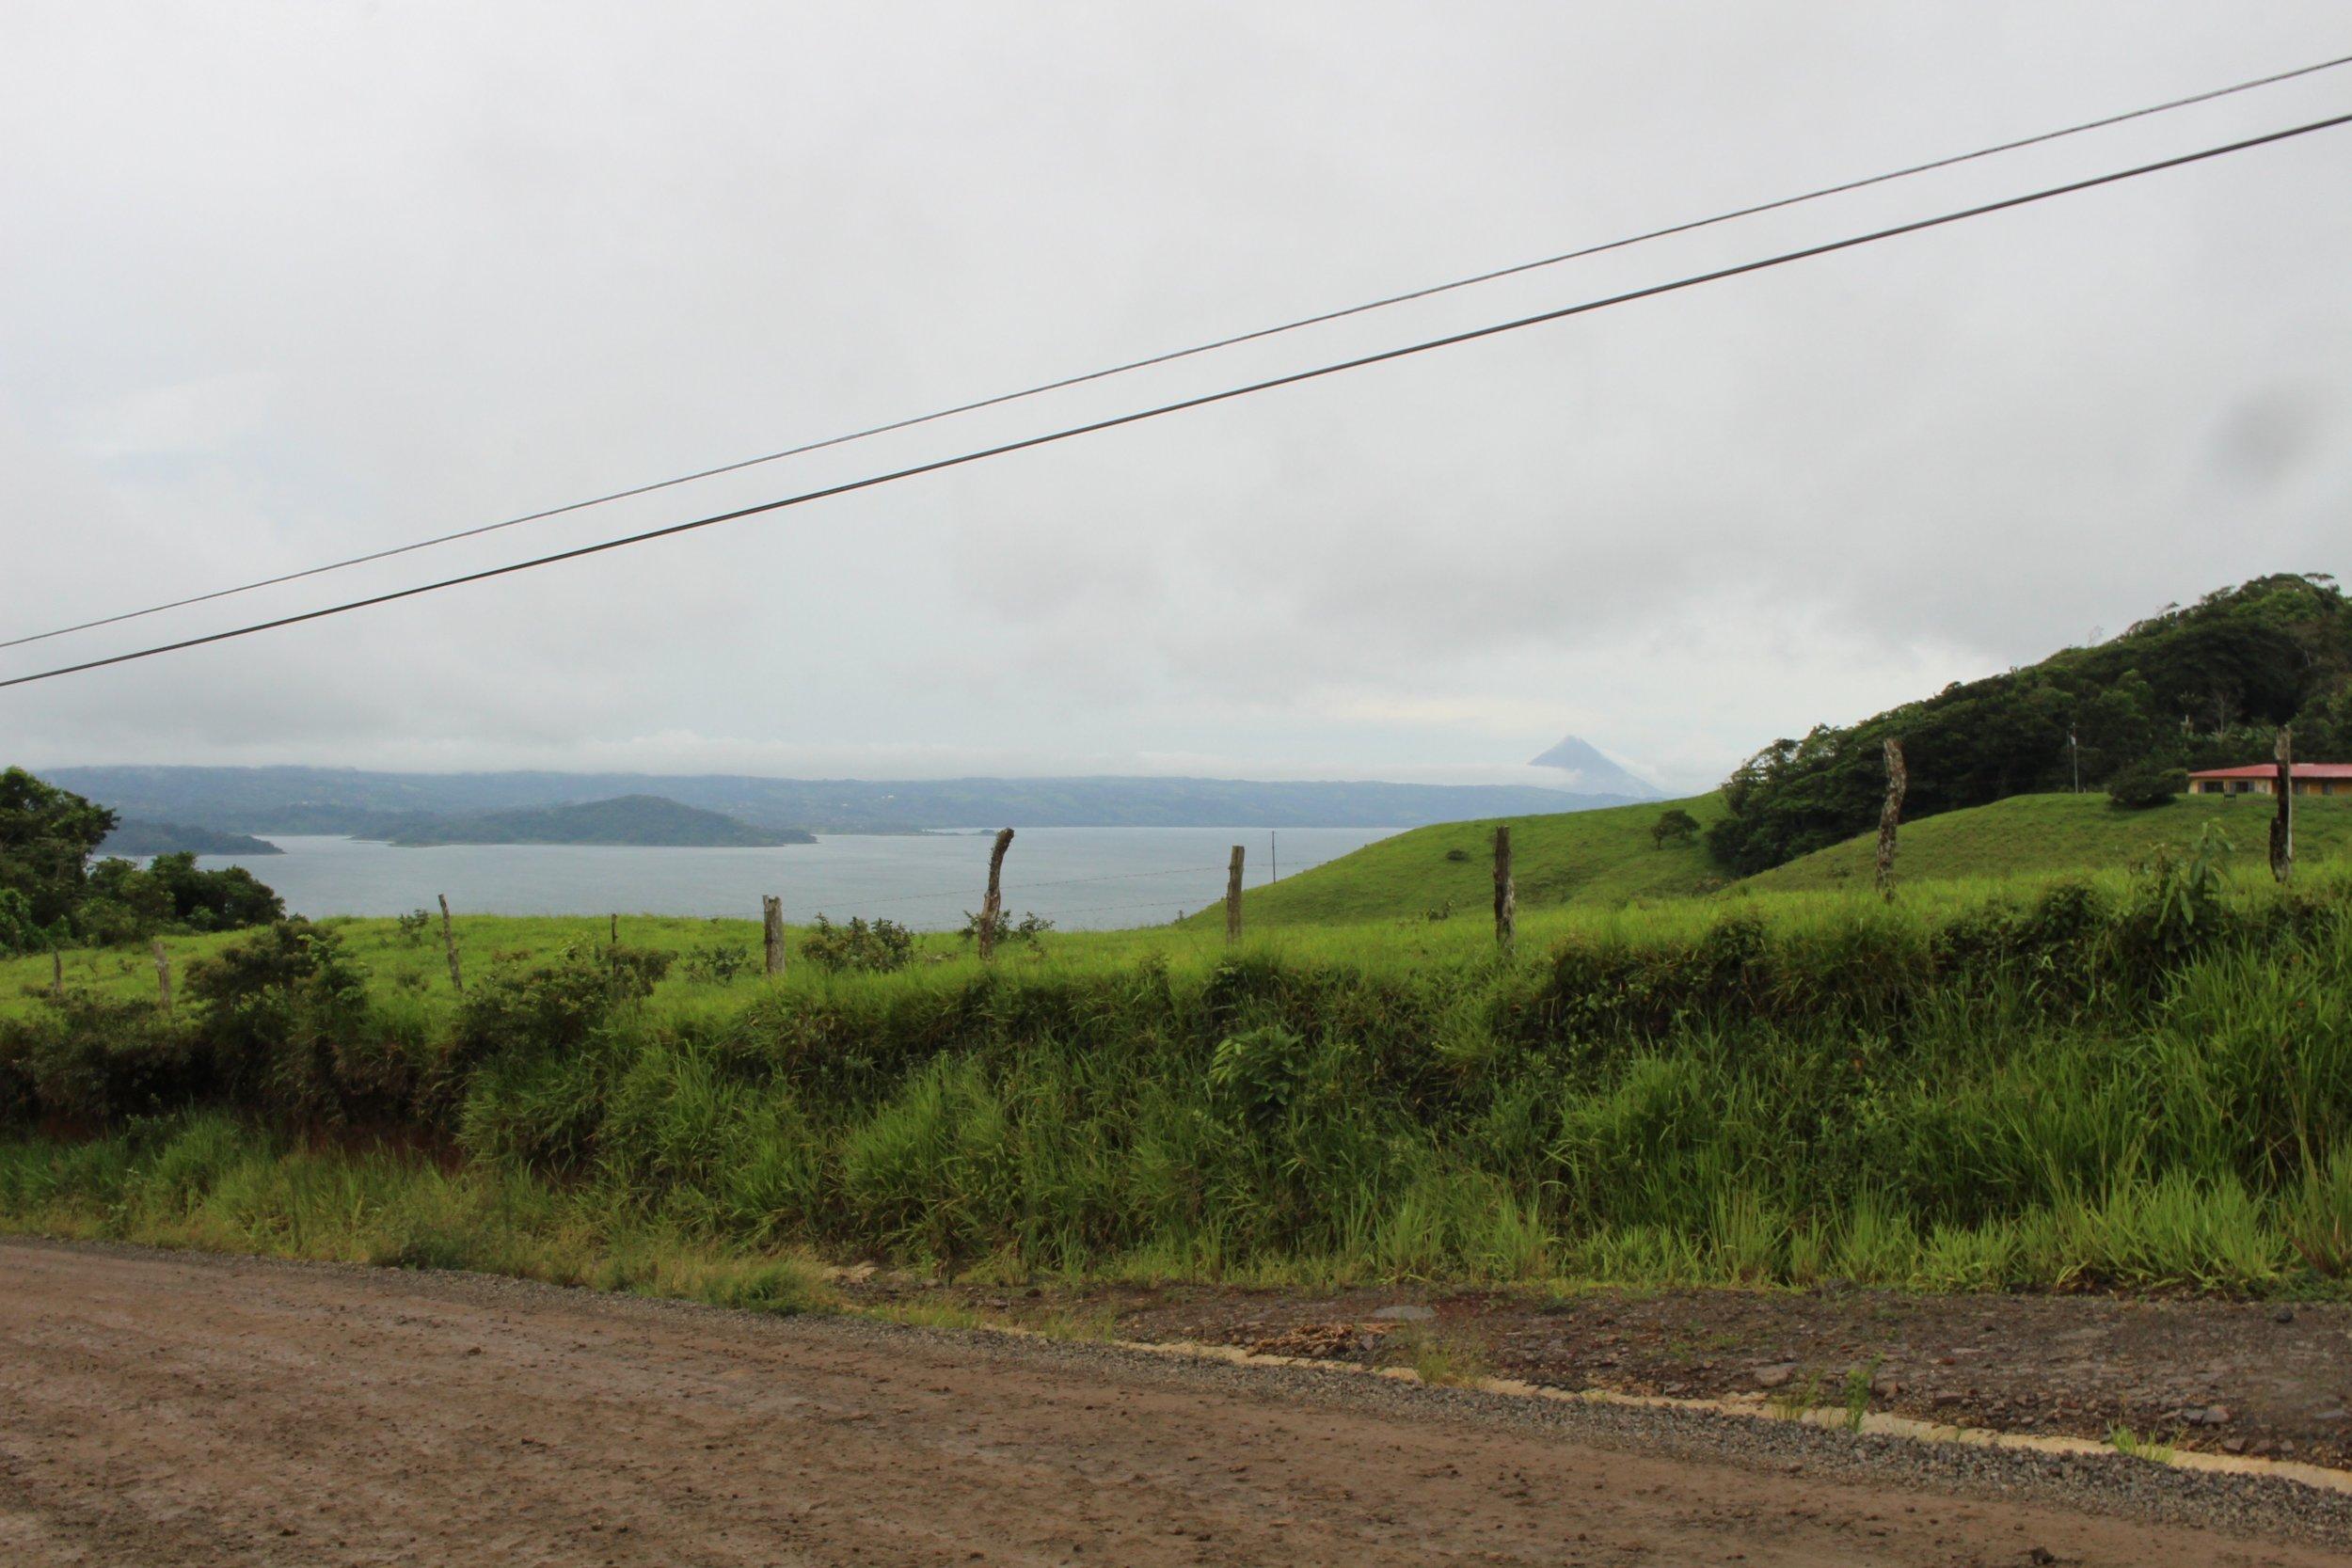 Driving around Lake Arenal